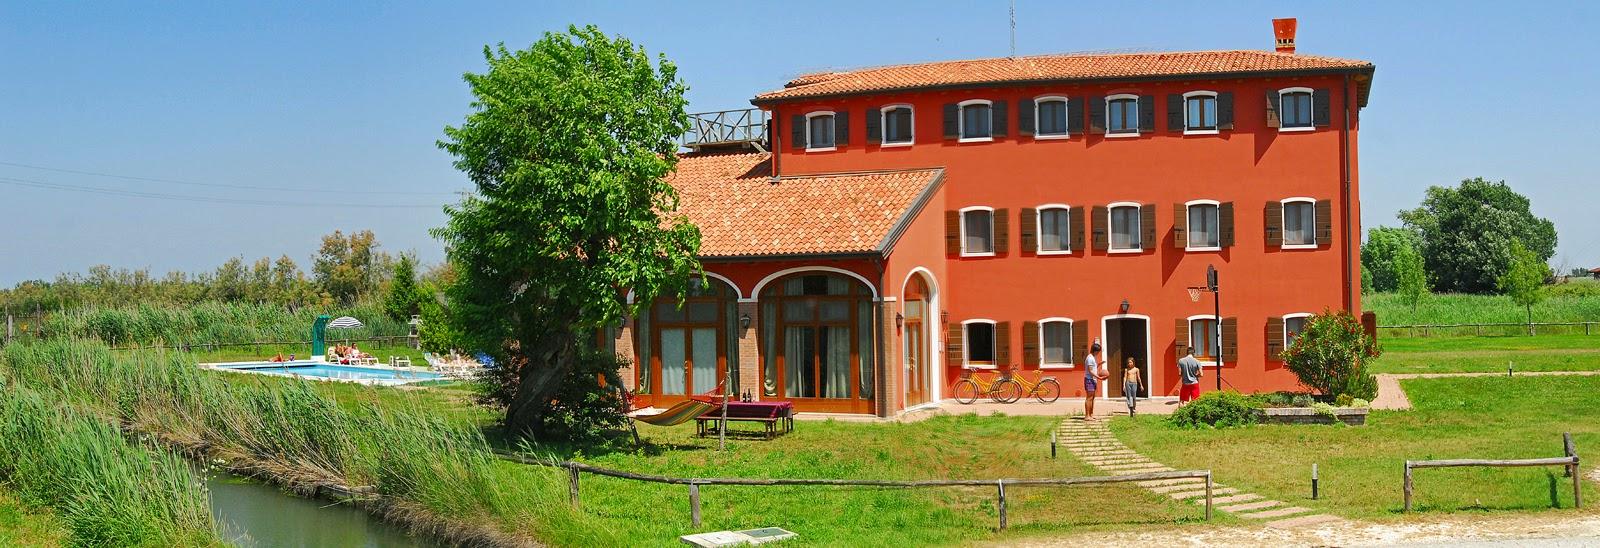 Ferienwohnung Valle 2 (734744), Jesolo, Adriaküste (Venetien), Venetien, Italien, Bild 2